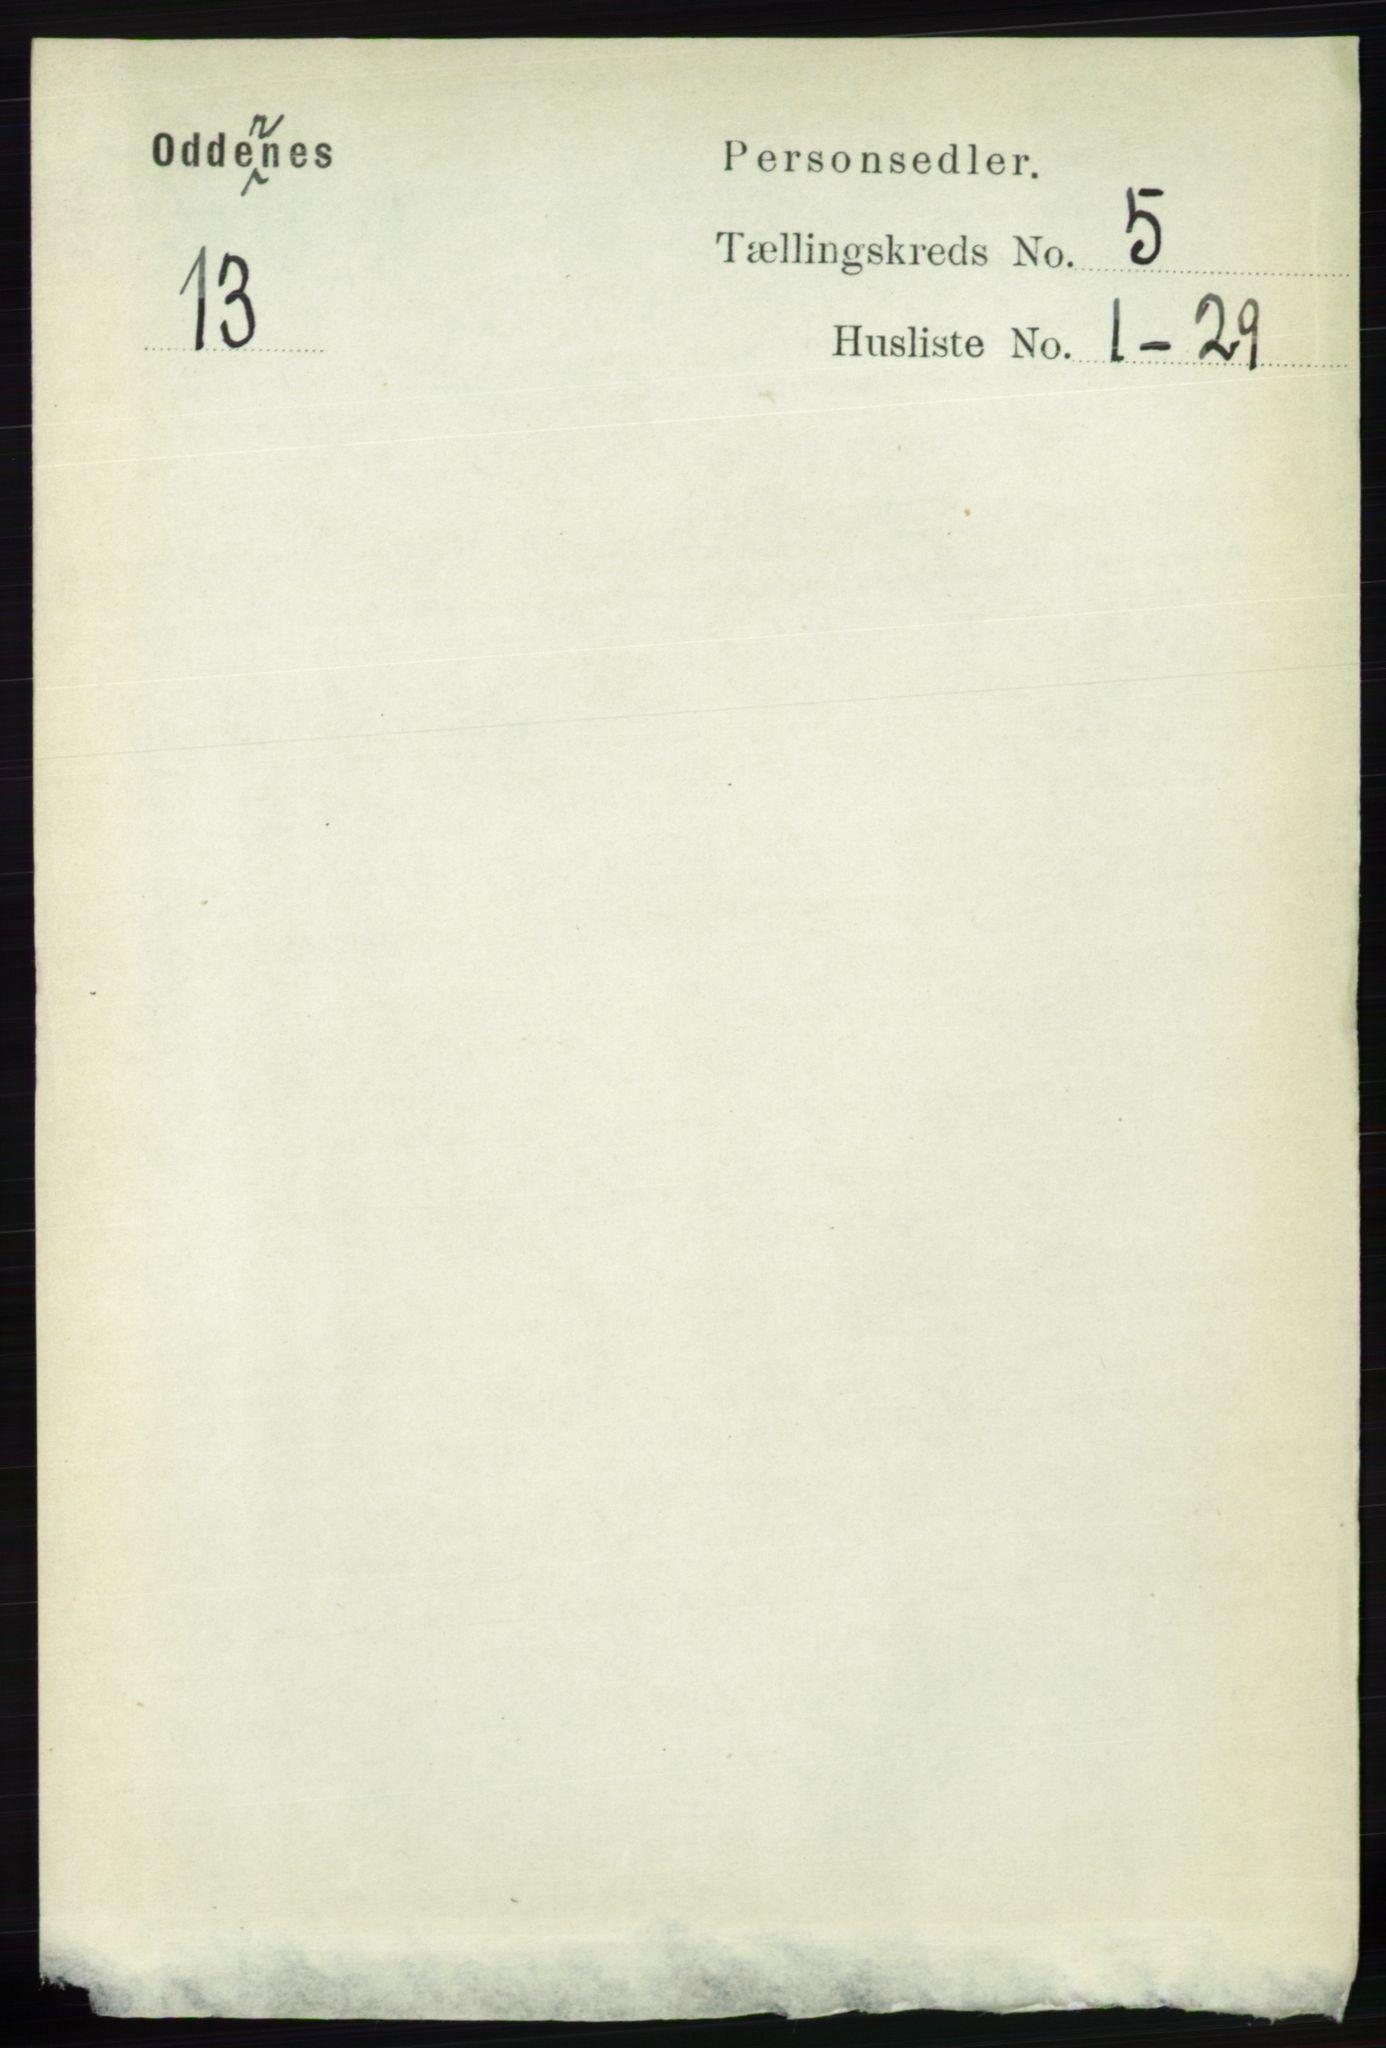 RA, Folketelling 1891 for 1012 Oddernes herred, 1891, s. 1767